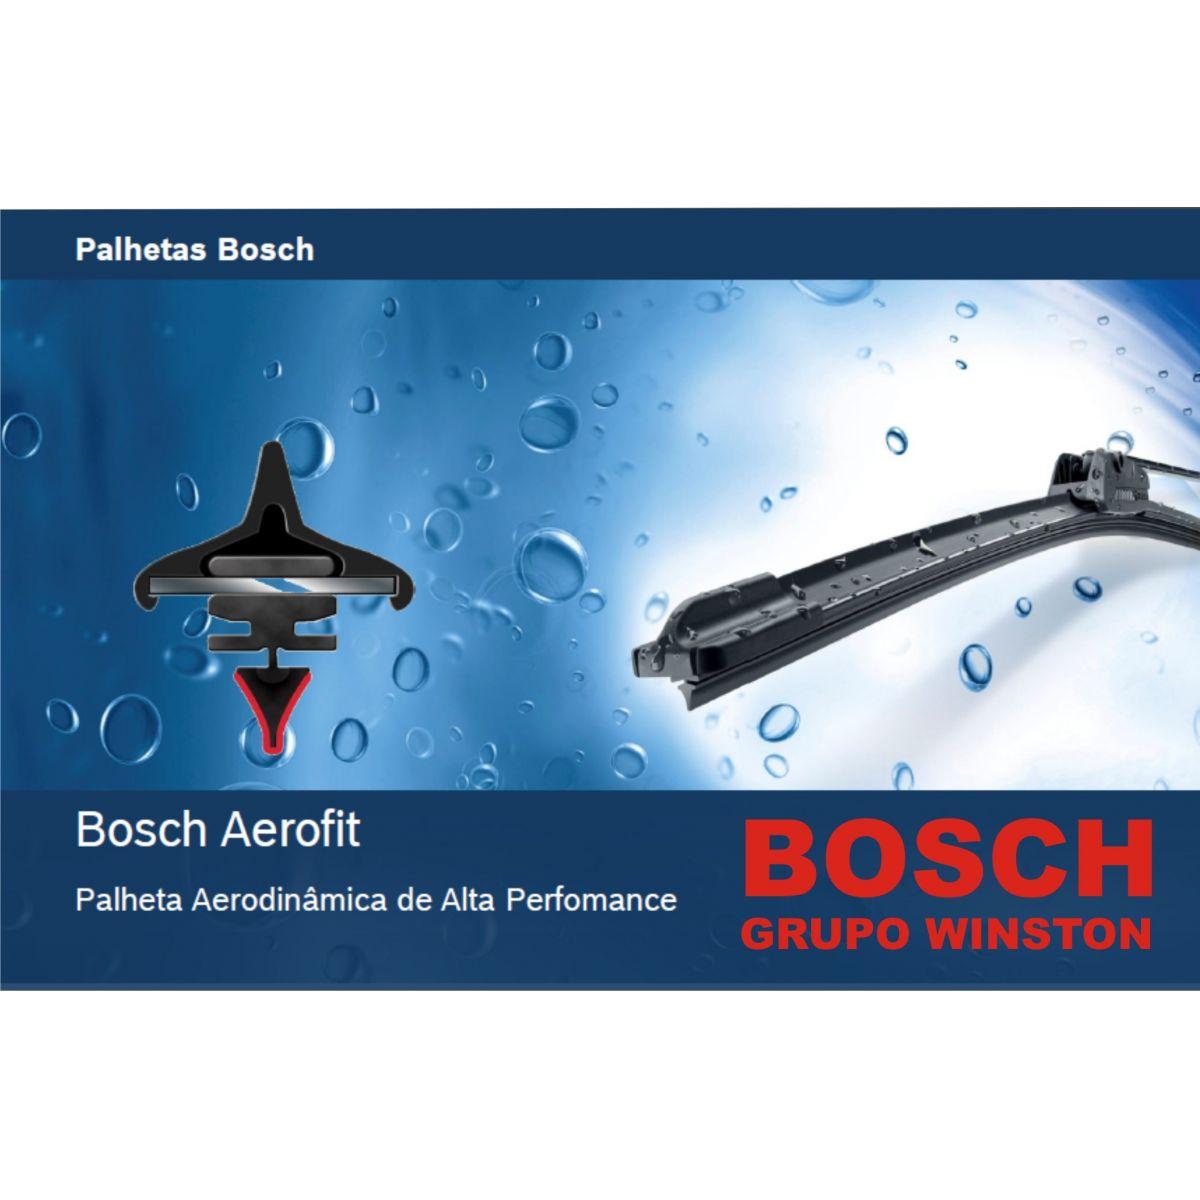 Palheta Bosch Aerofit Limpador de para brisa Bosch Omega II 1998 até 2007